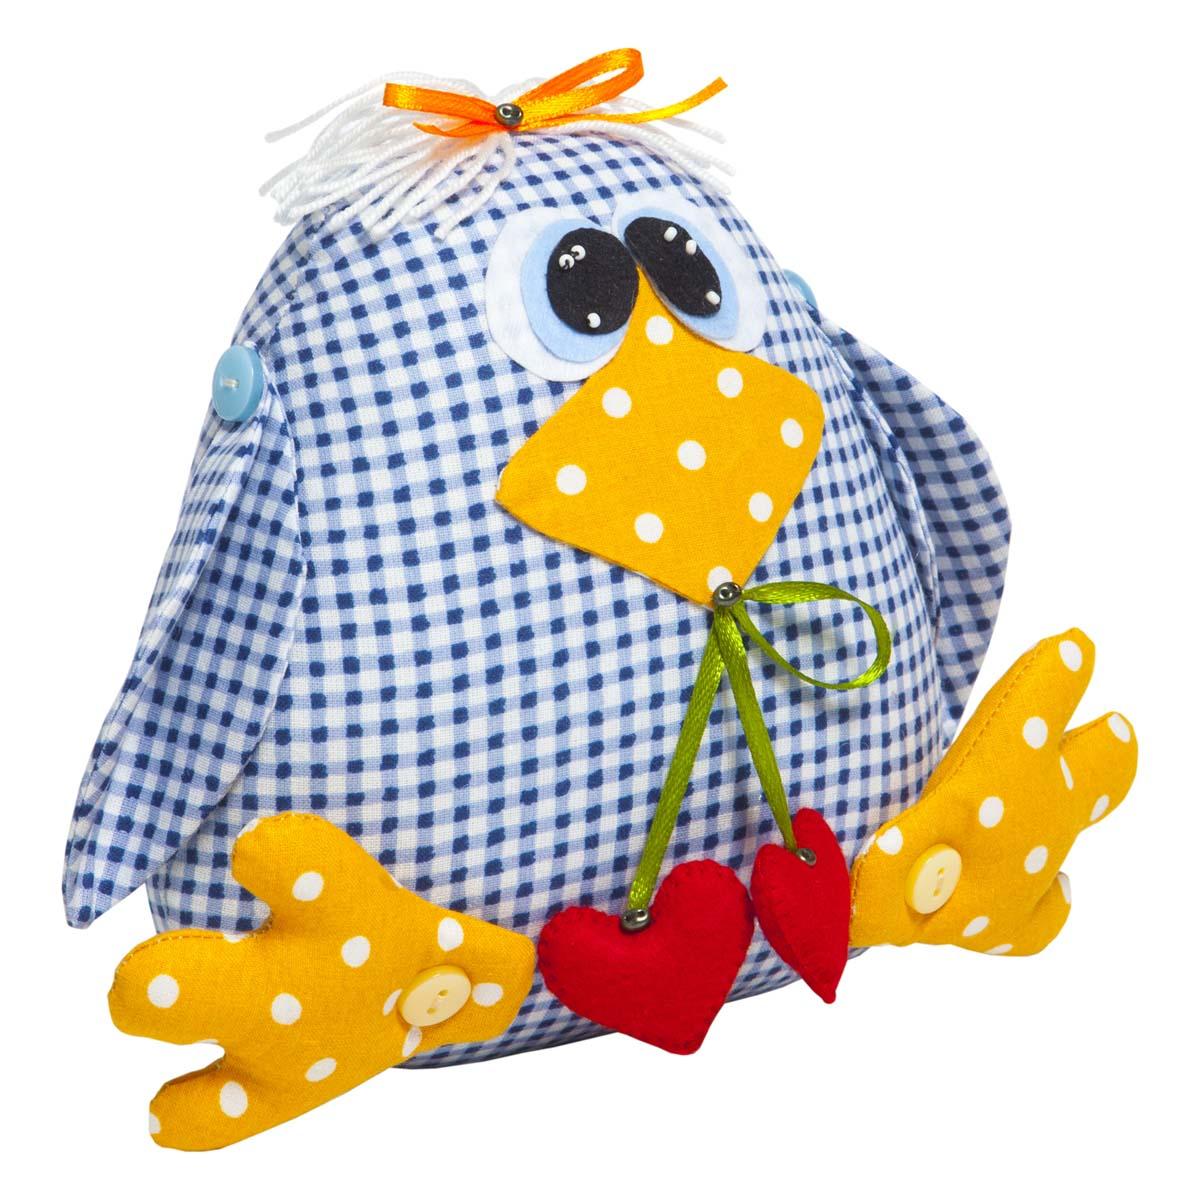 ТК-001 Набор для шитья мягкой игрушки 'Птичка Кроша'